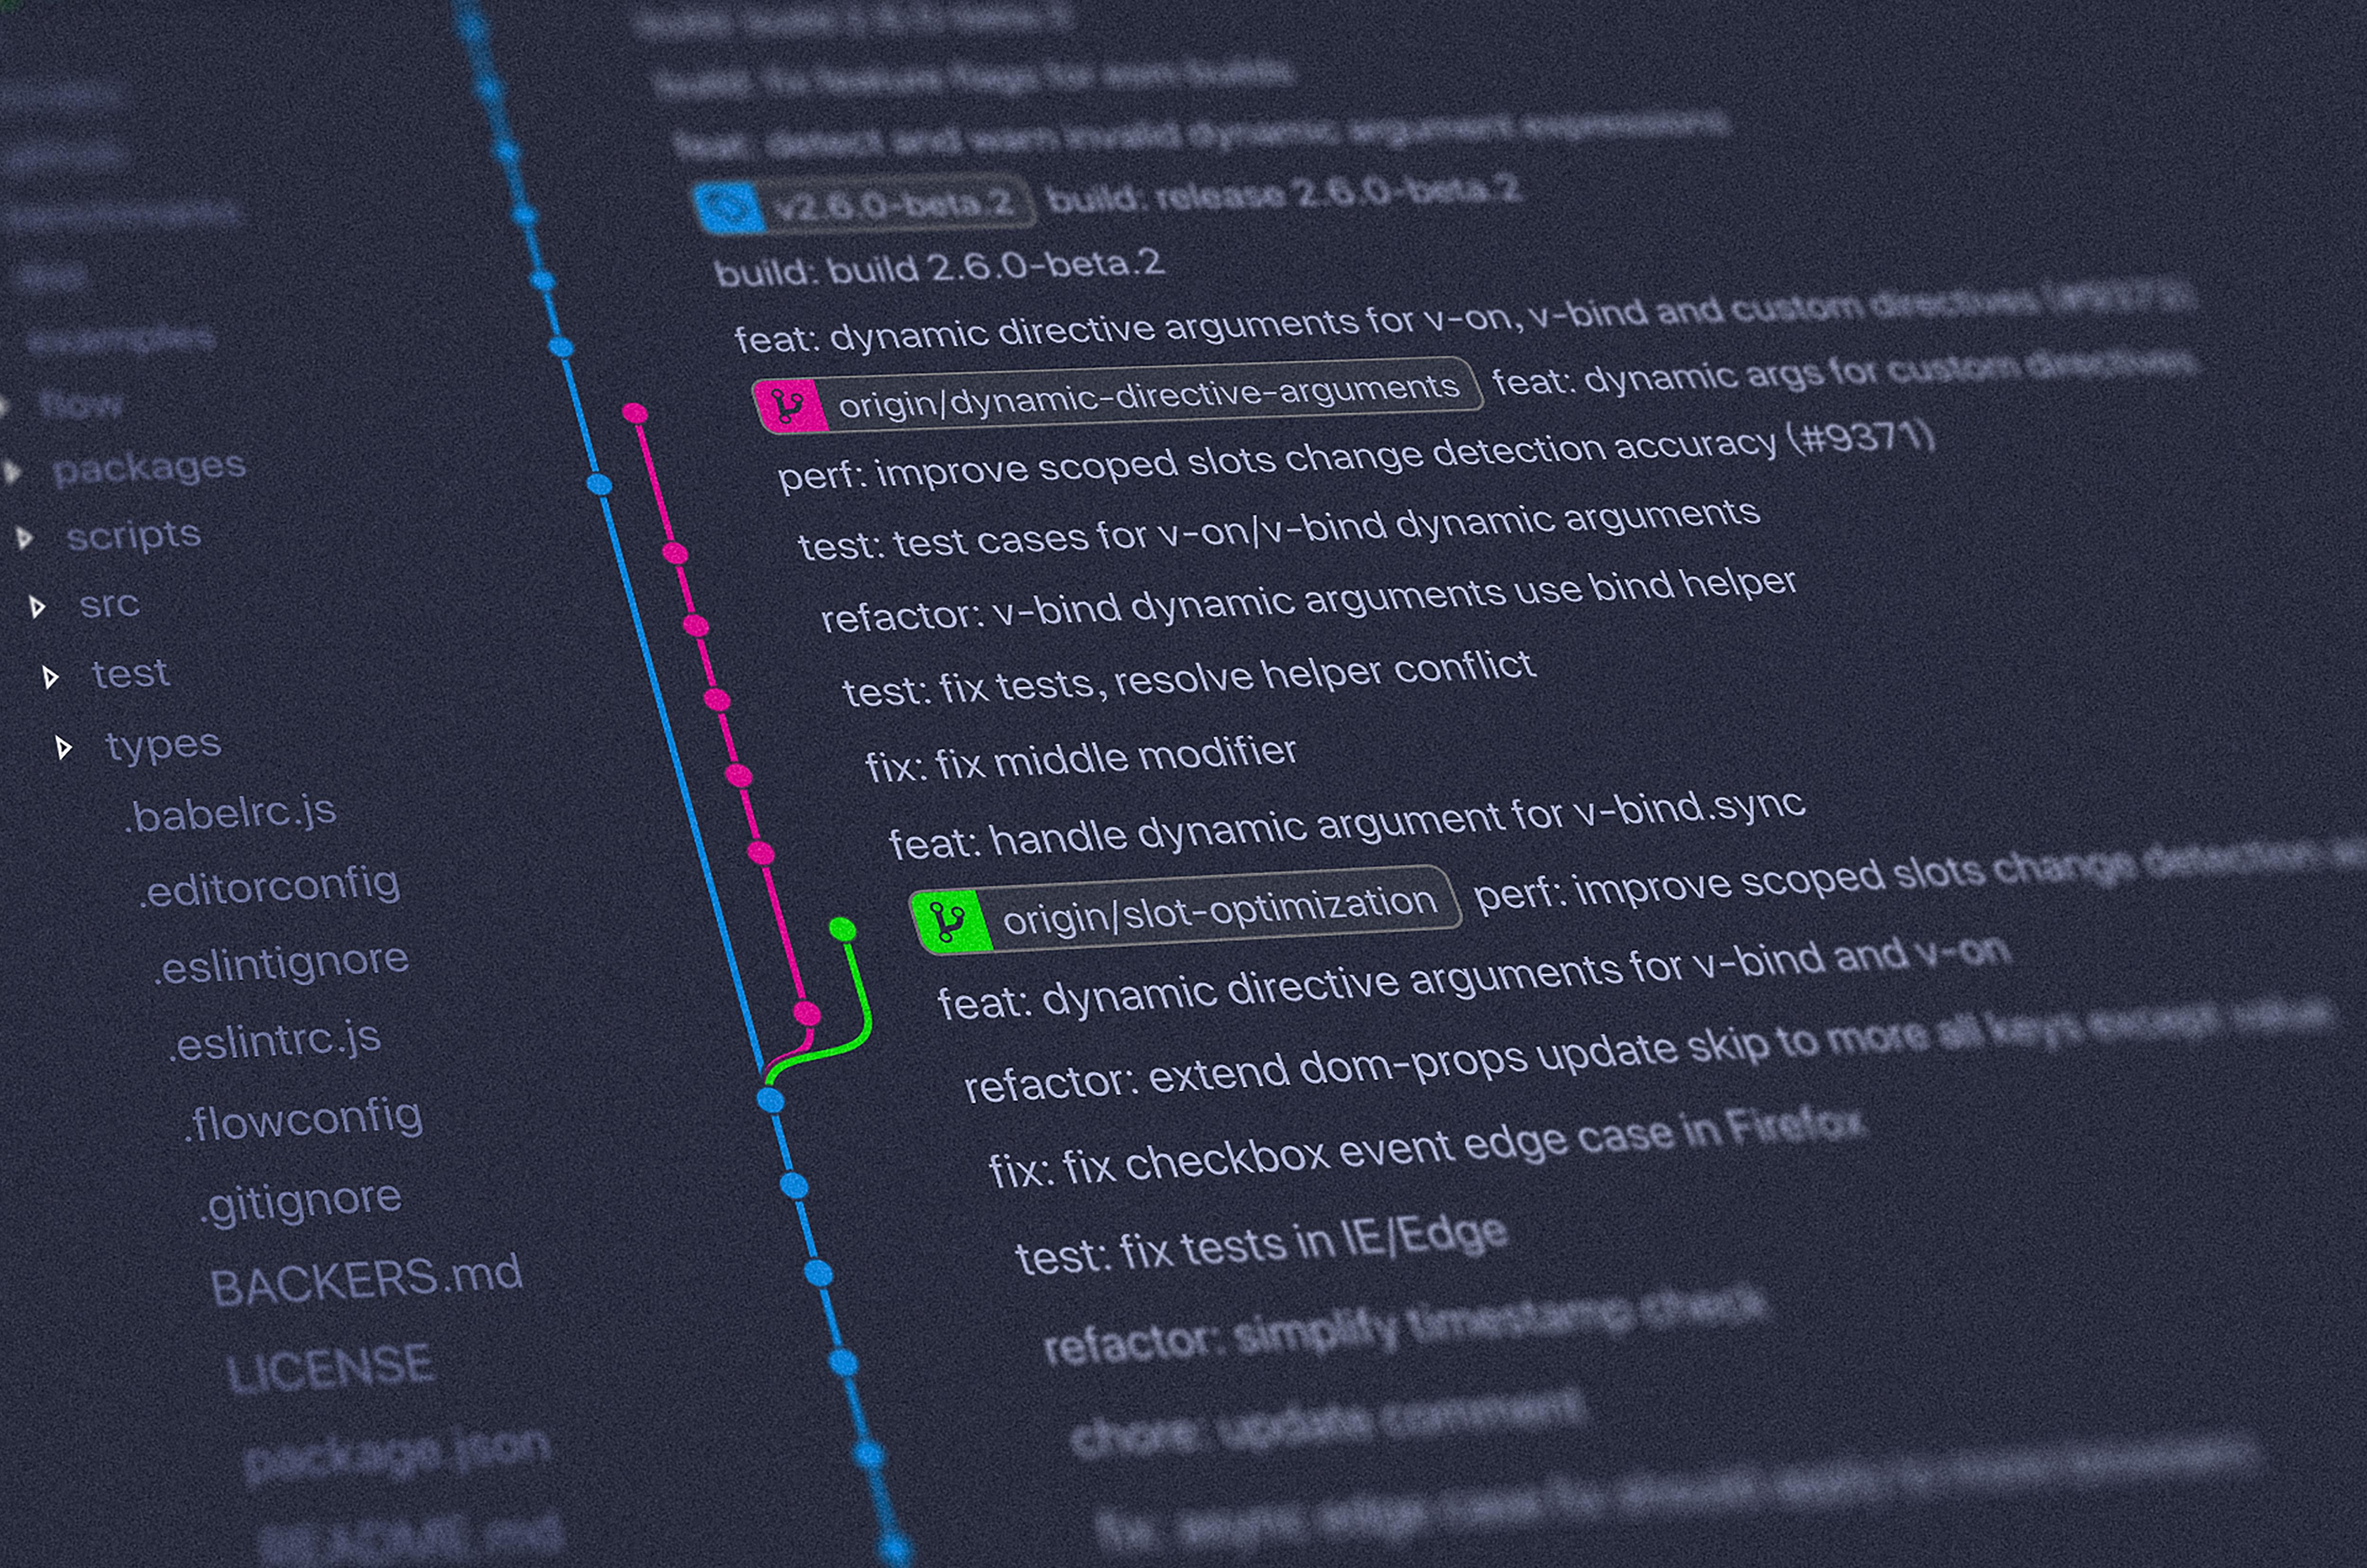 Git 정리 - 협업 - fetch, pull request